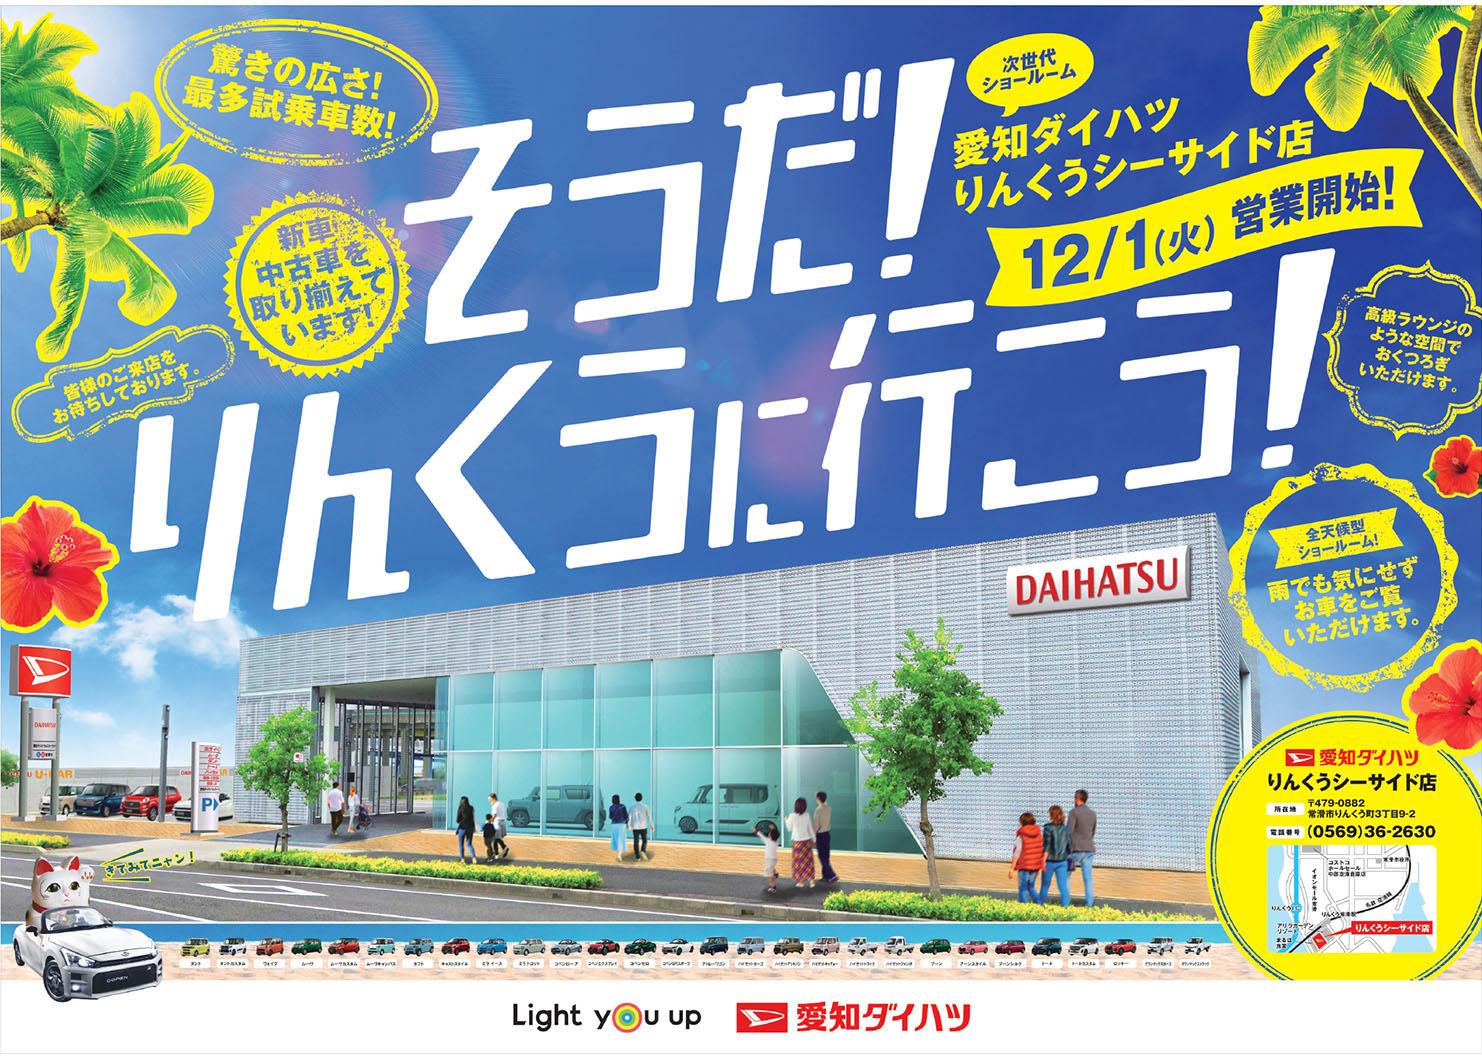 愛知ダイハツ りんくうシーサイド店12月1日営業開始